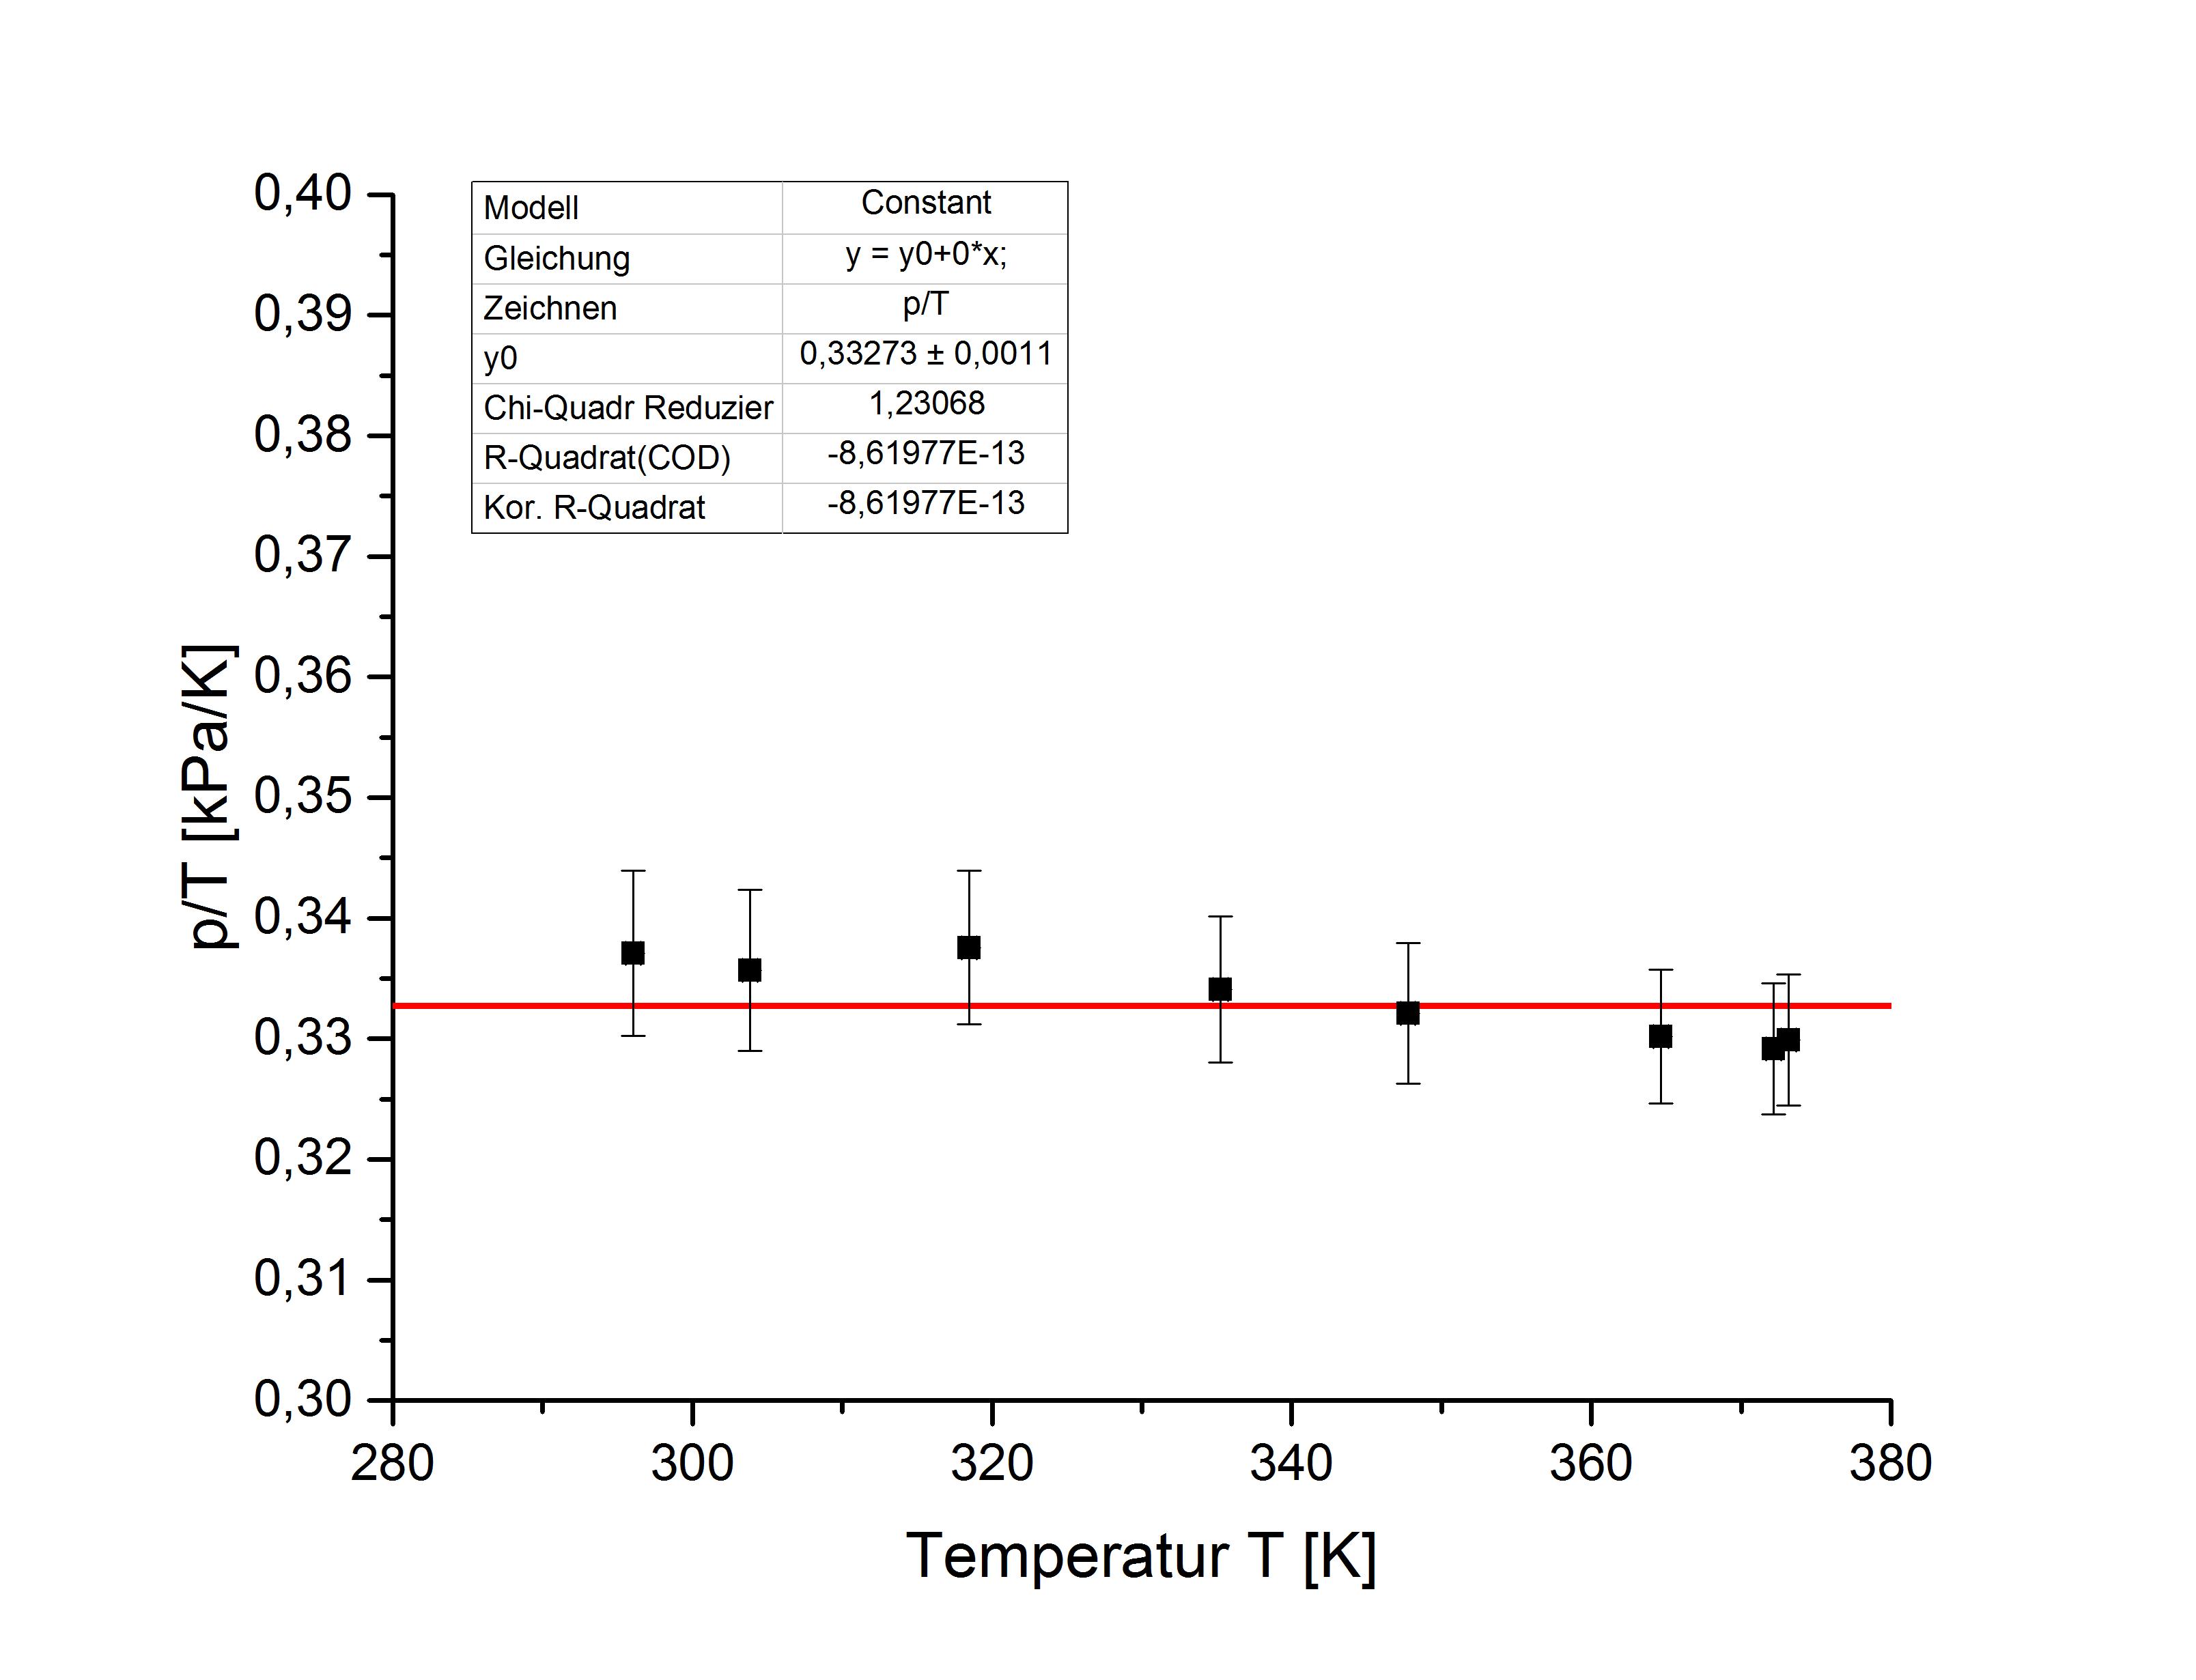 Fein P Diagramm Wiki Zeitgenössisch - Der Schaltplan - triangre.info